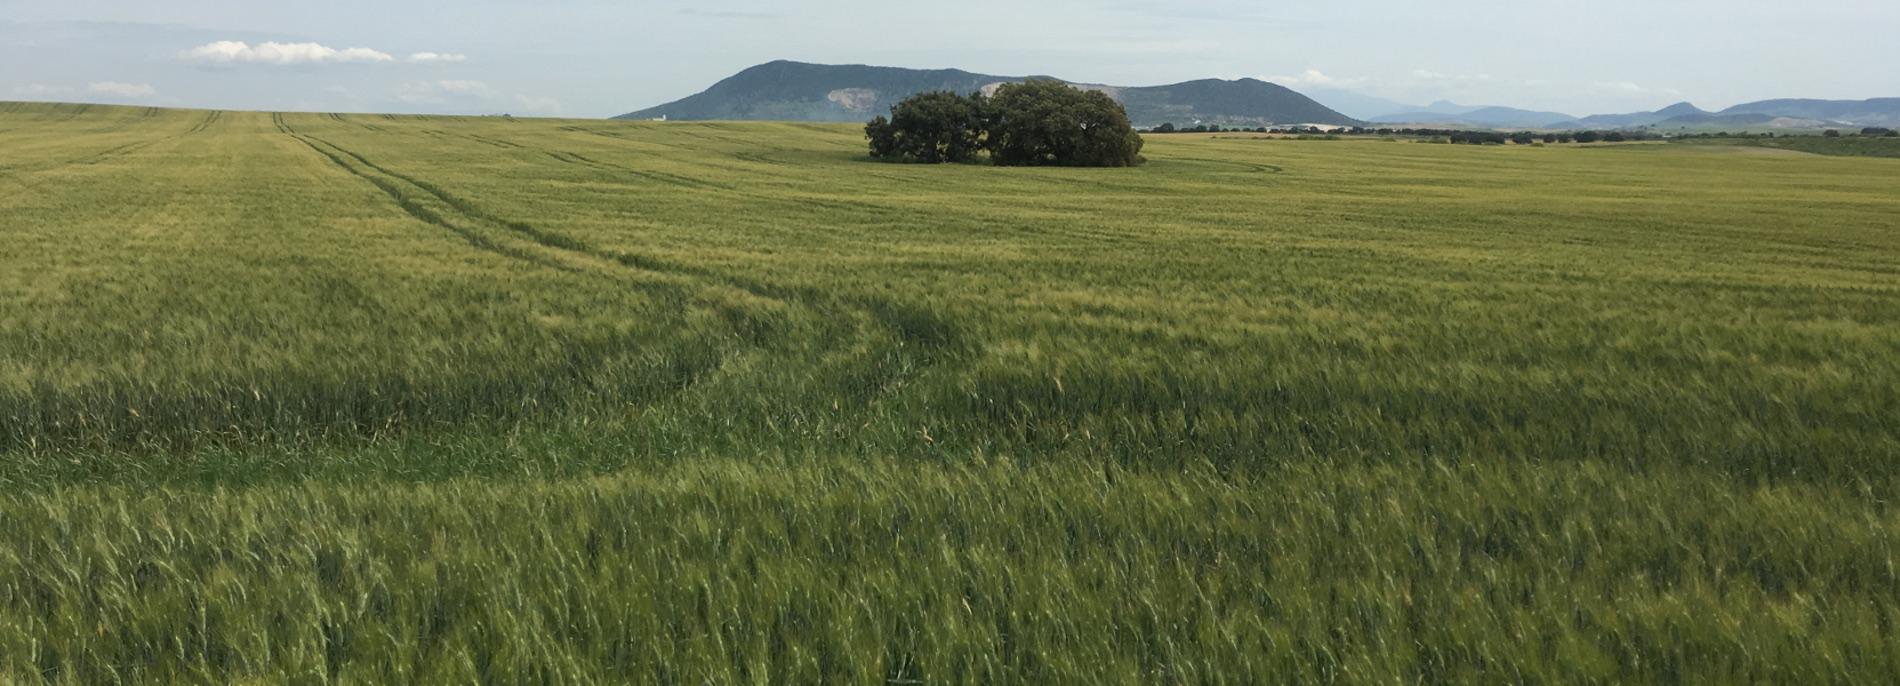 Una finca tipo labor secano con unos árboles dentro de un prado